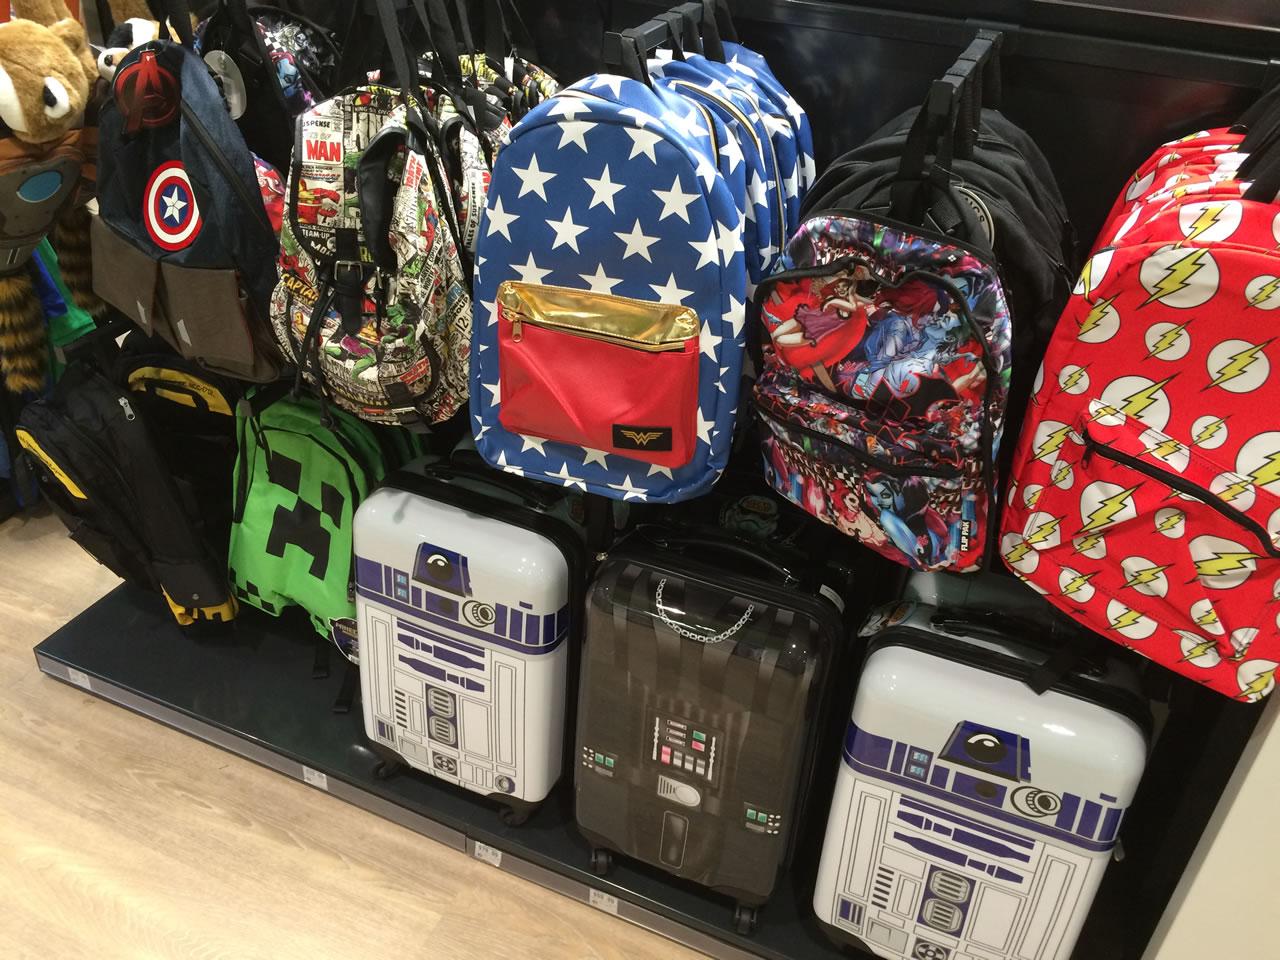 52 thinkgeek store - bags